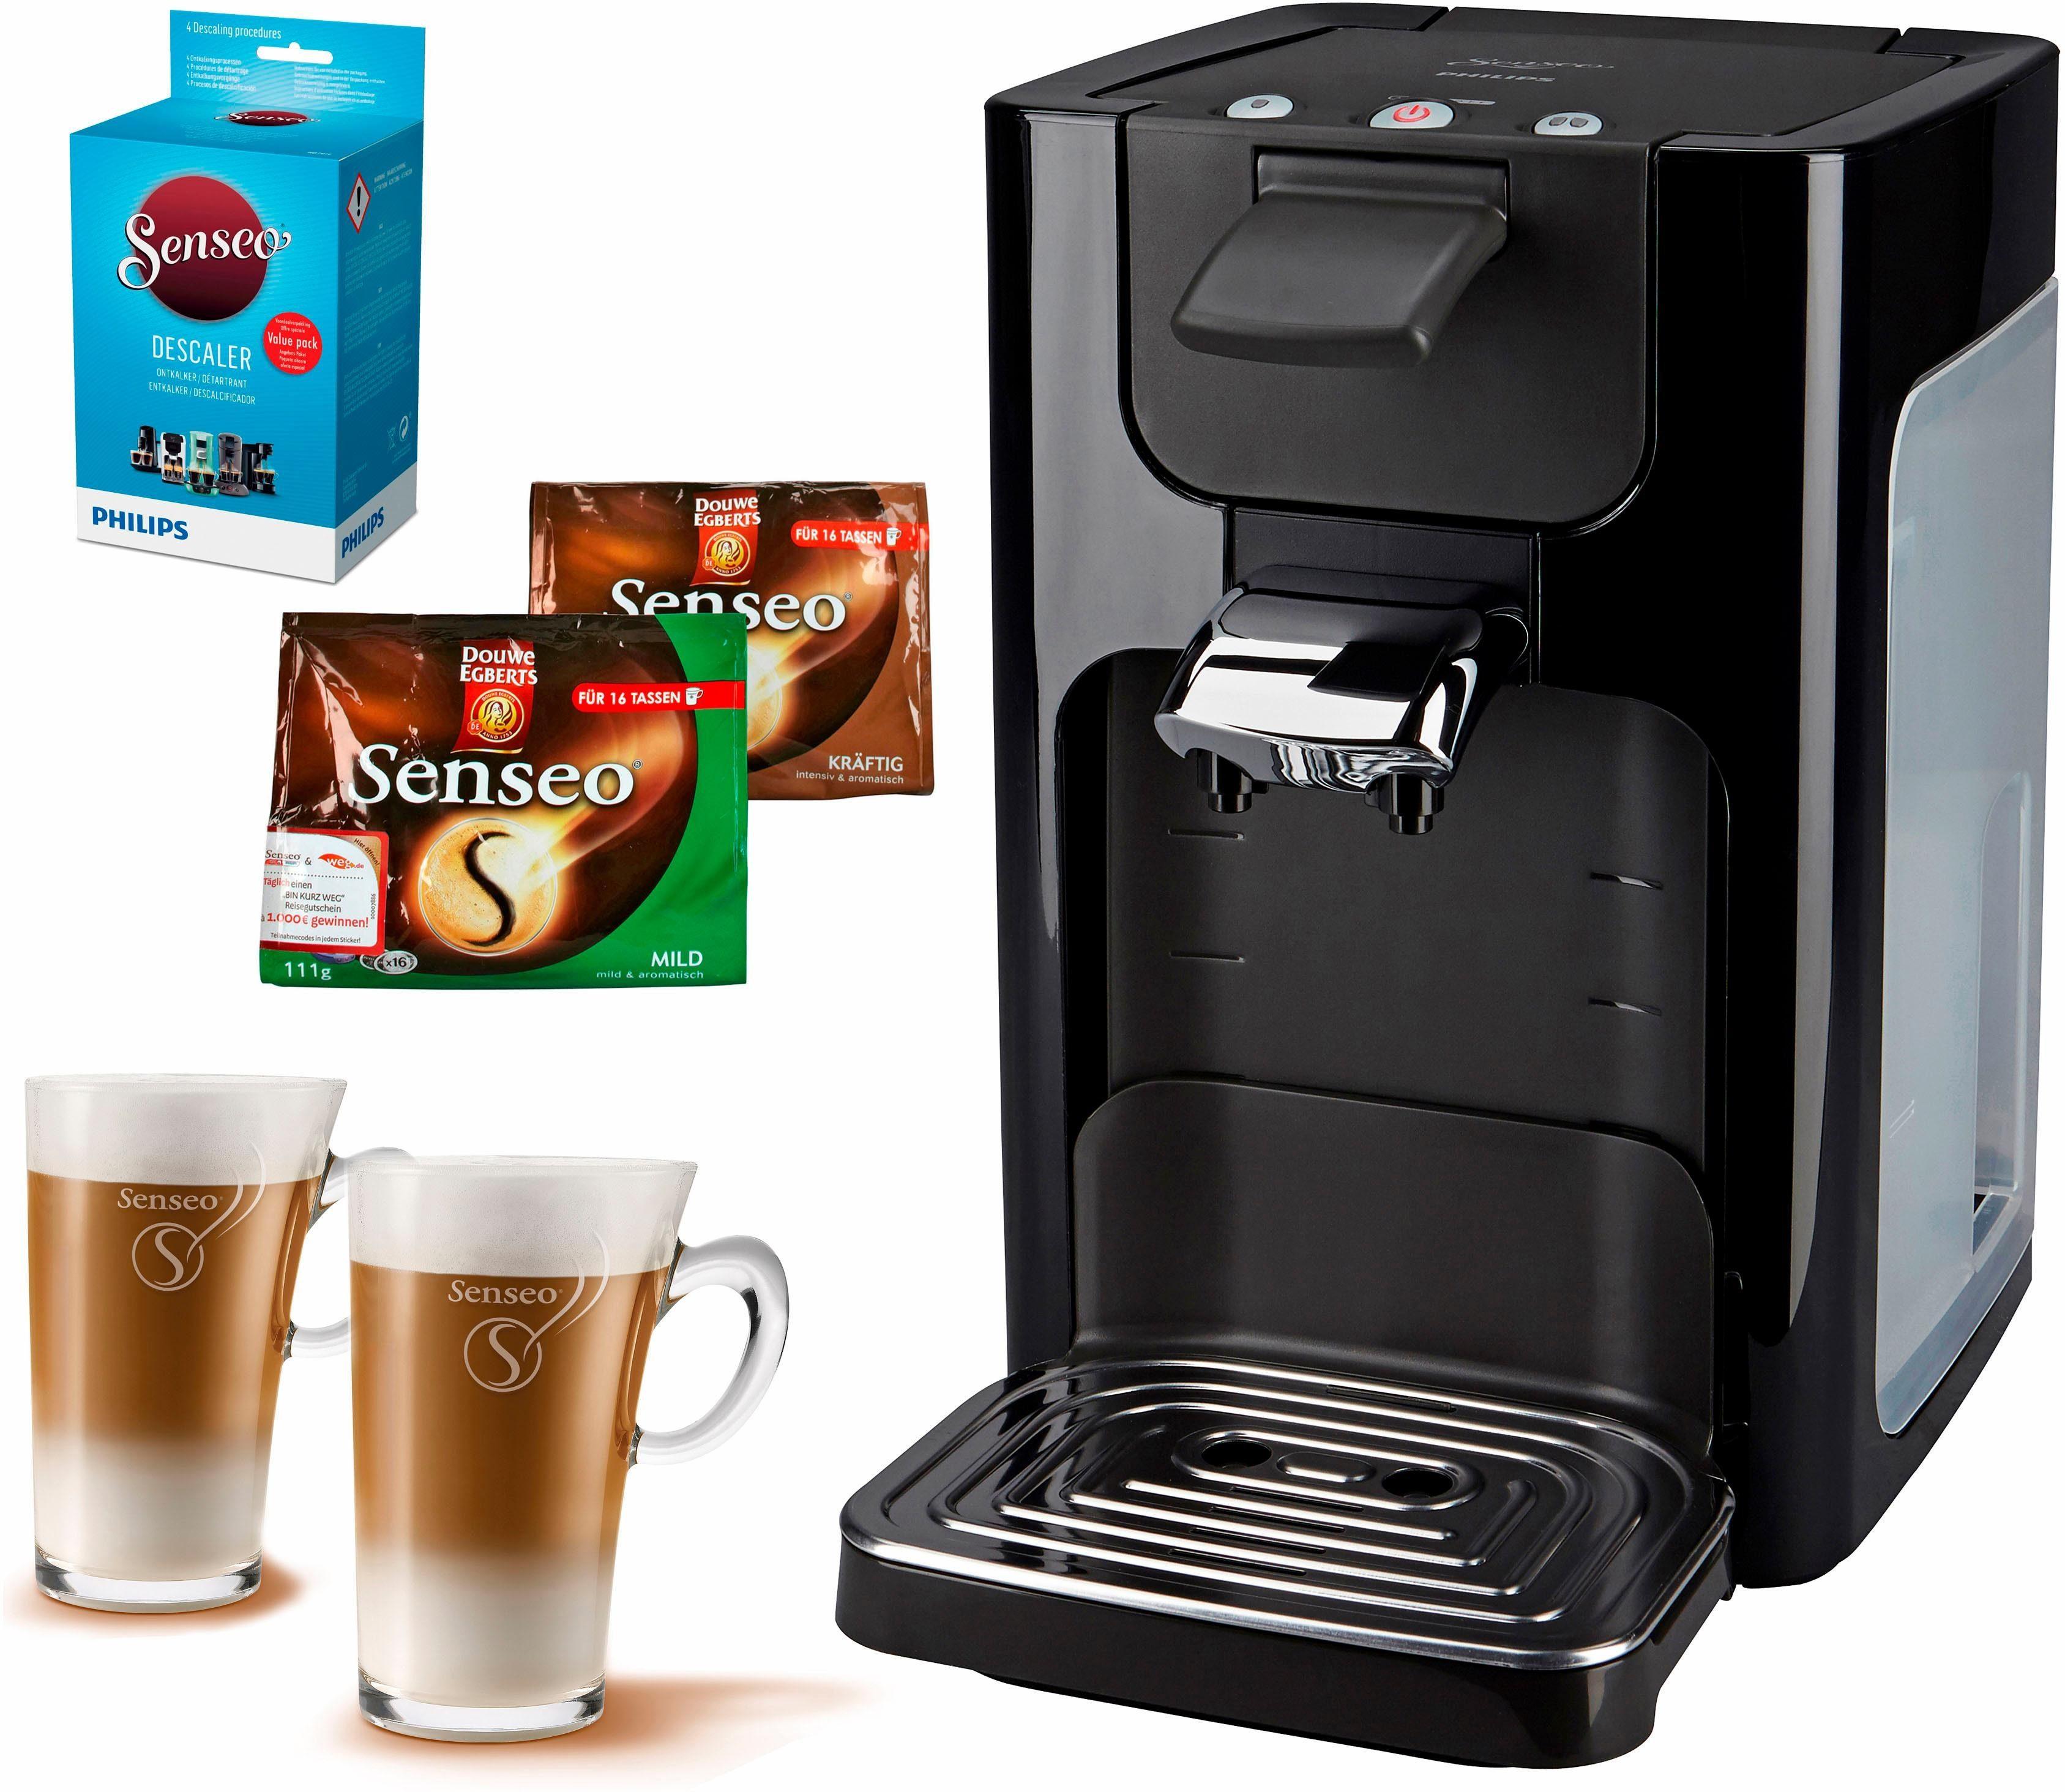 Senseo Kaffeepadmaschine SENSEO® Quadrante HD7863, inkl. Gratis-Zubehör im Wert von 35€ UVP